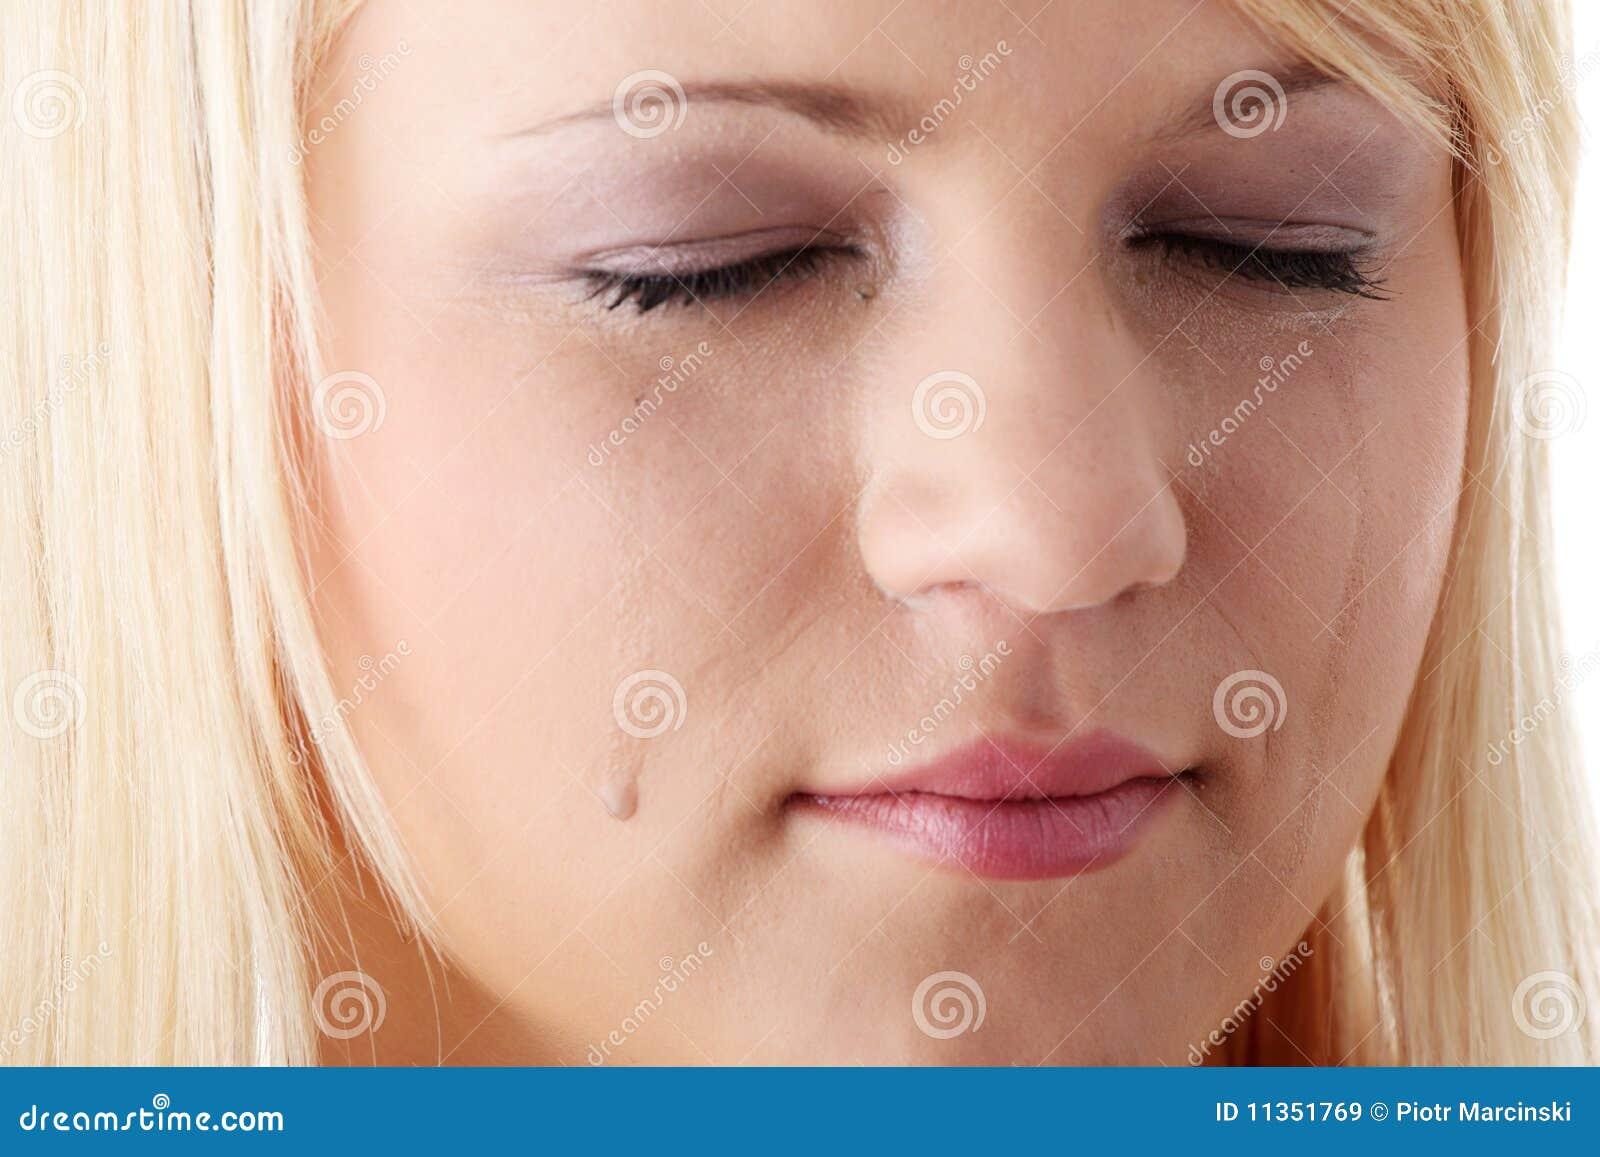 Facial quiver emotional pain